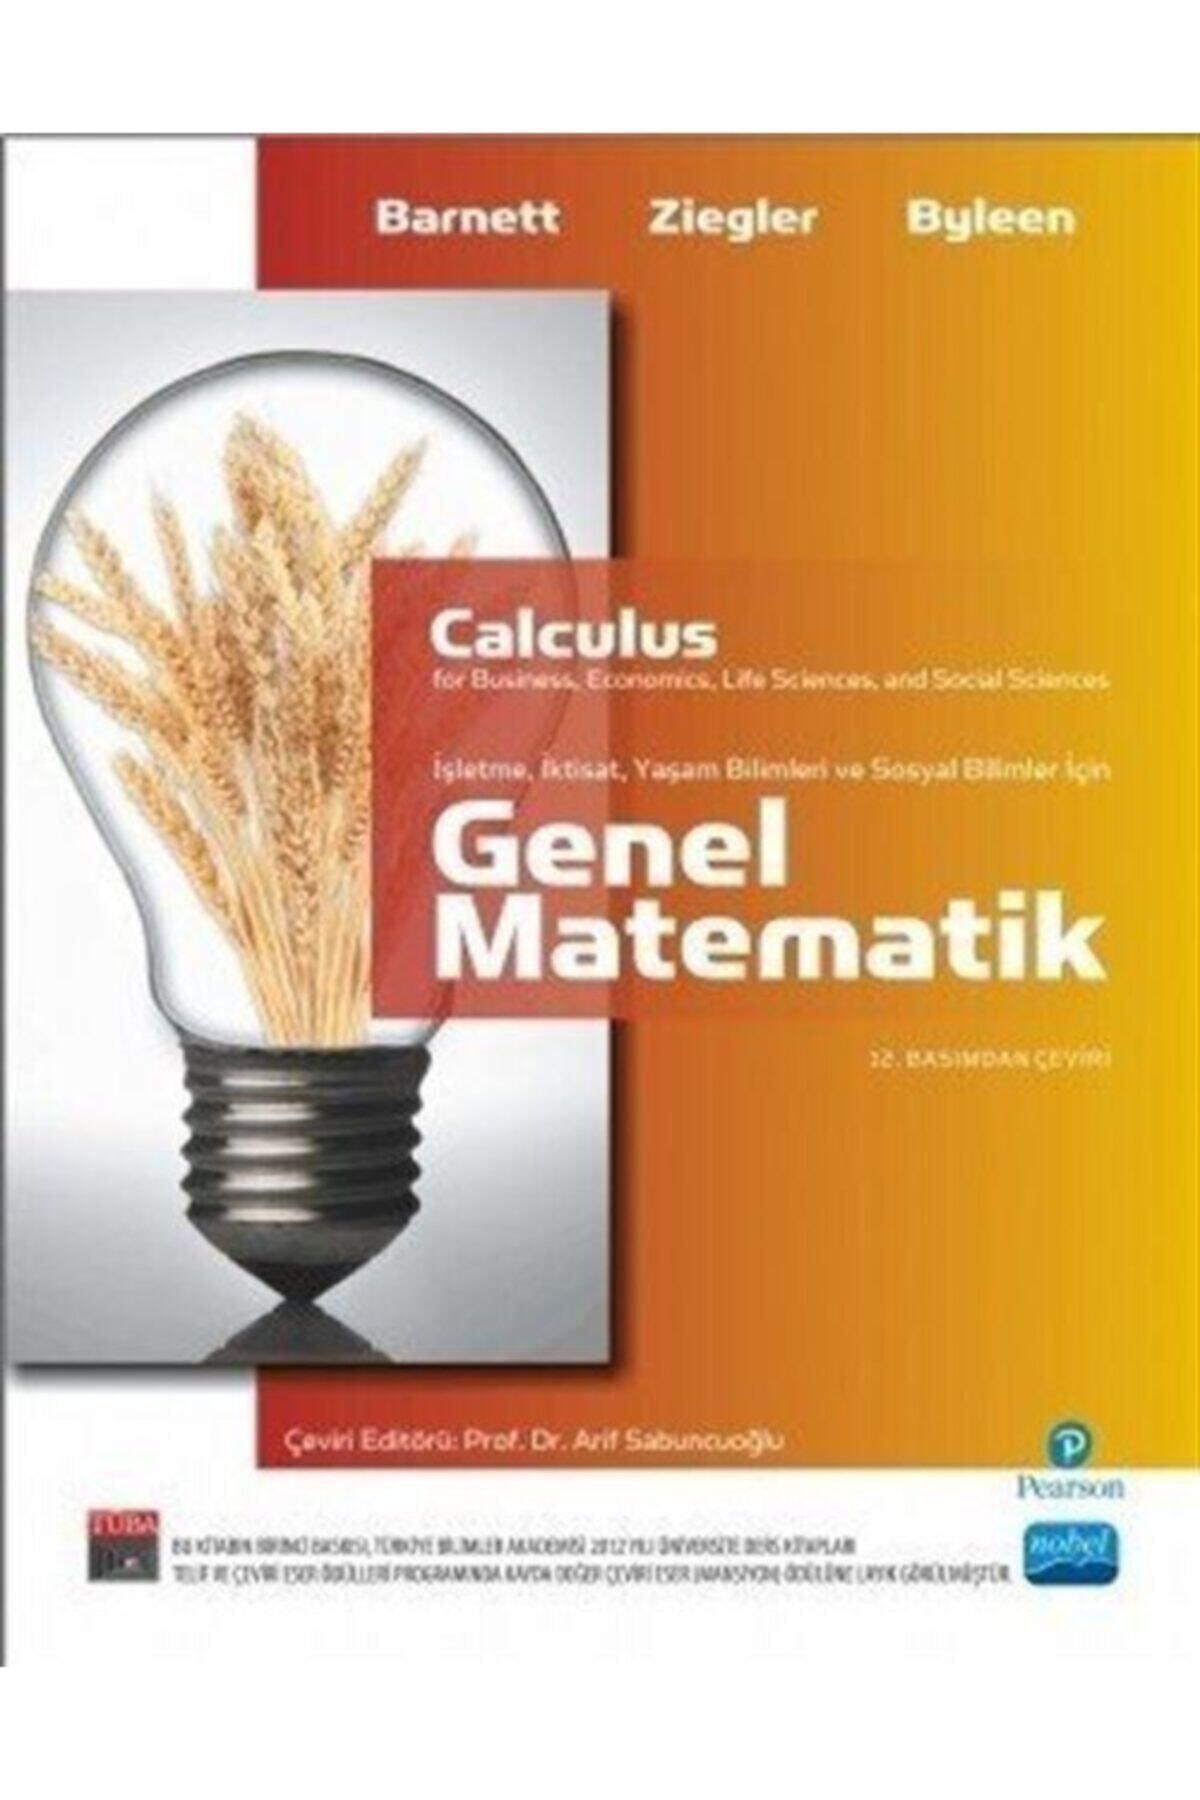 Nobel Akademik Yayıncılık Genel Matematik & Işletme, Iktisat, Yaşam Ve Sosyal Bilimler Için / Calculus For Business, Econom... 1